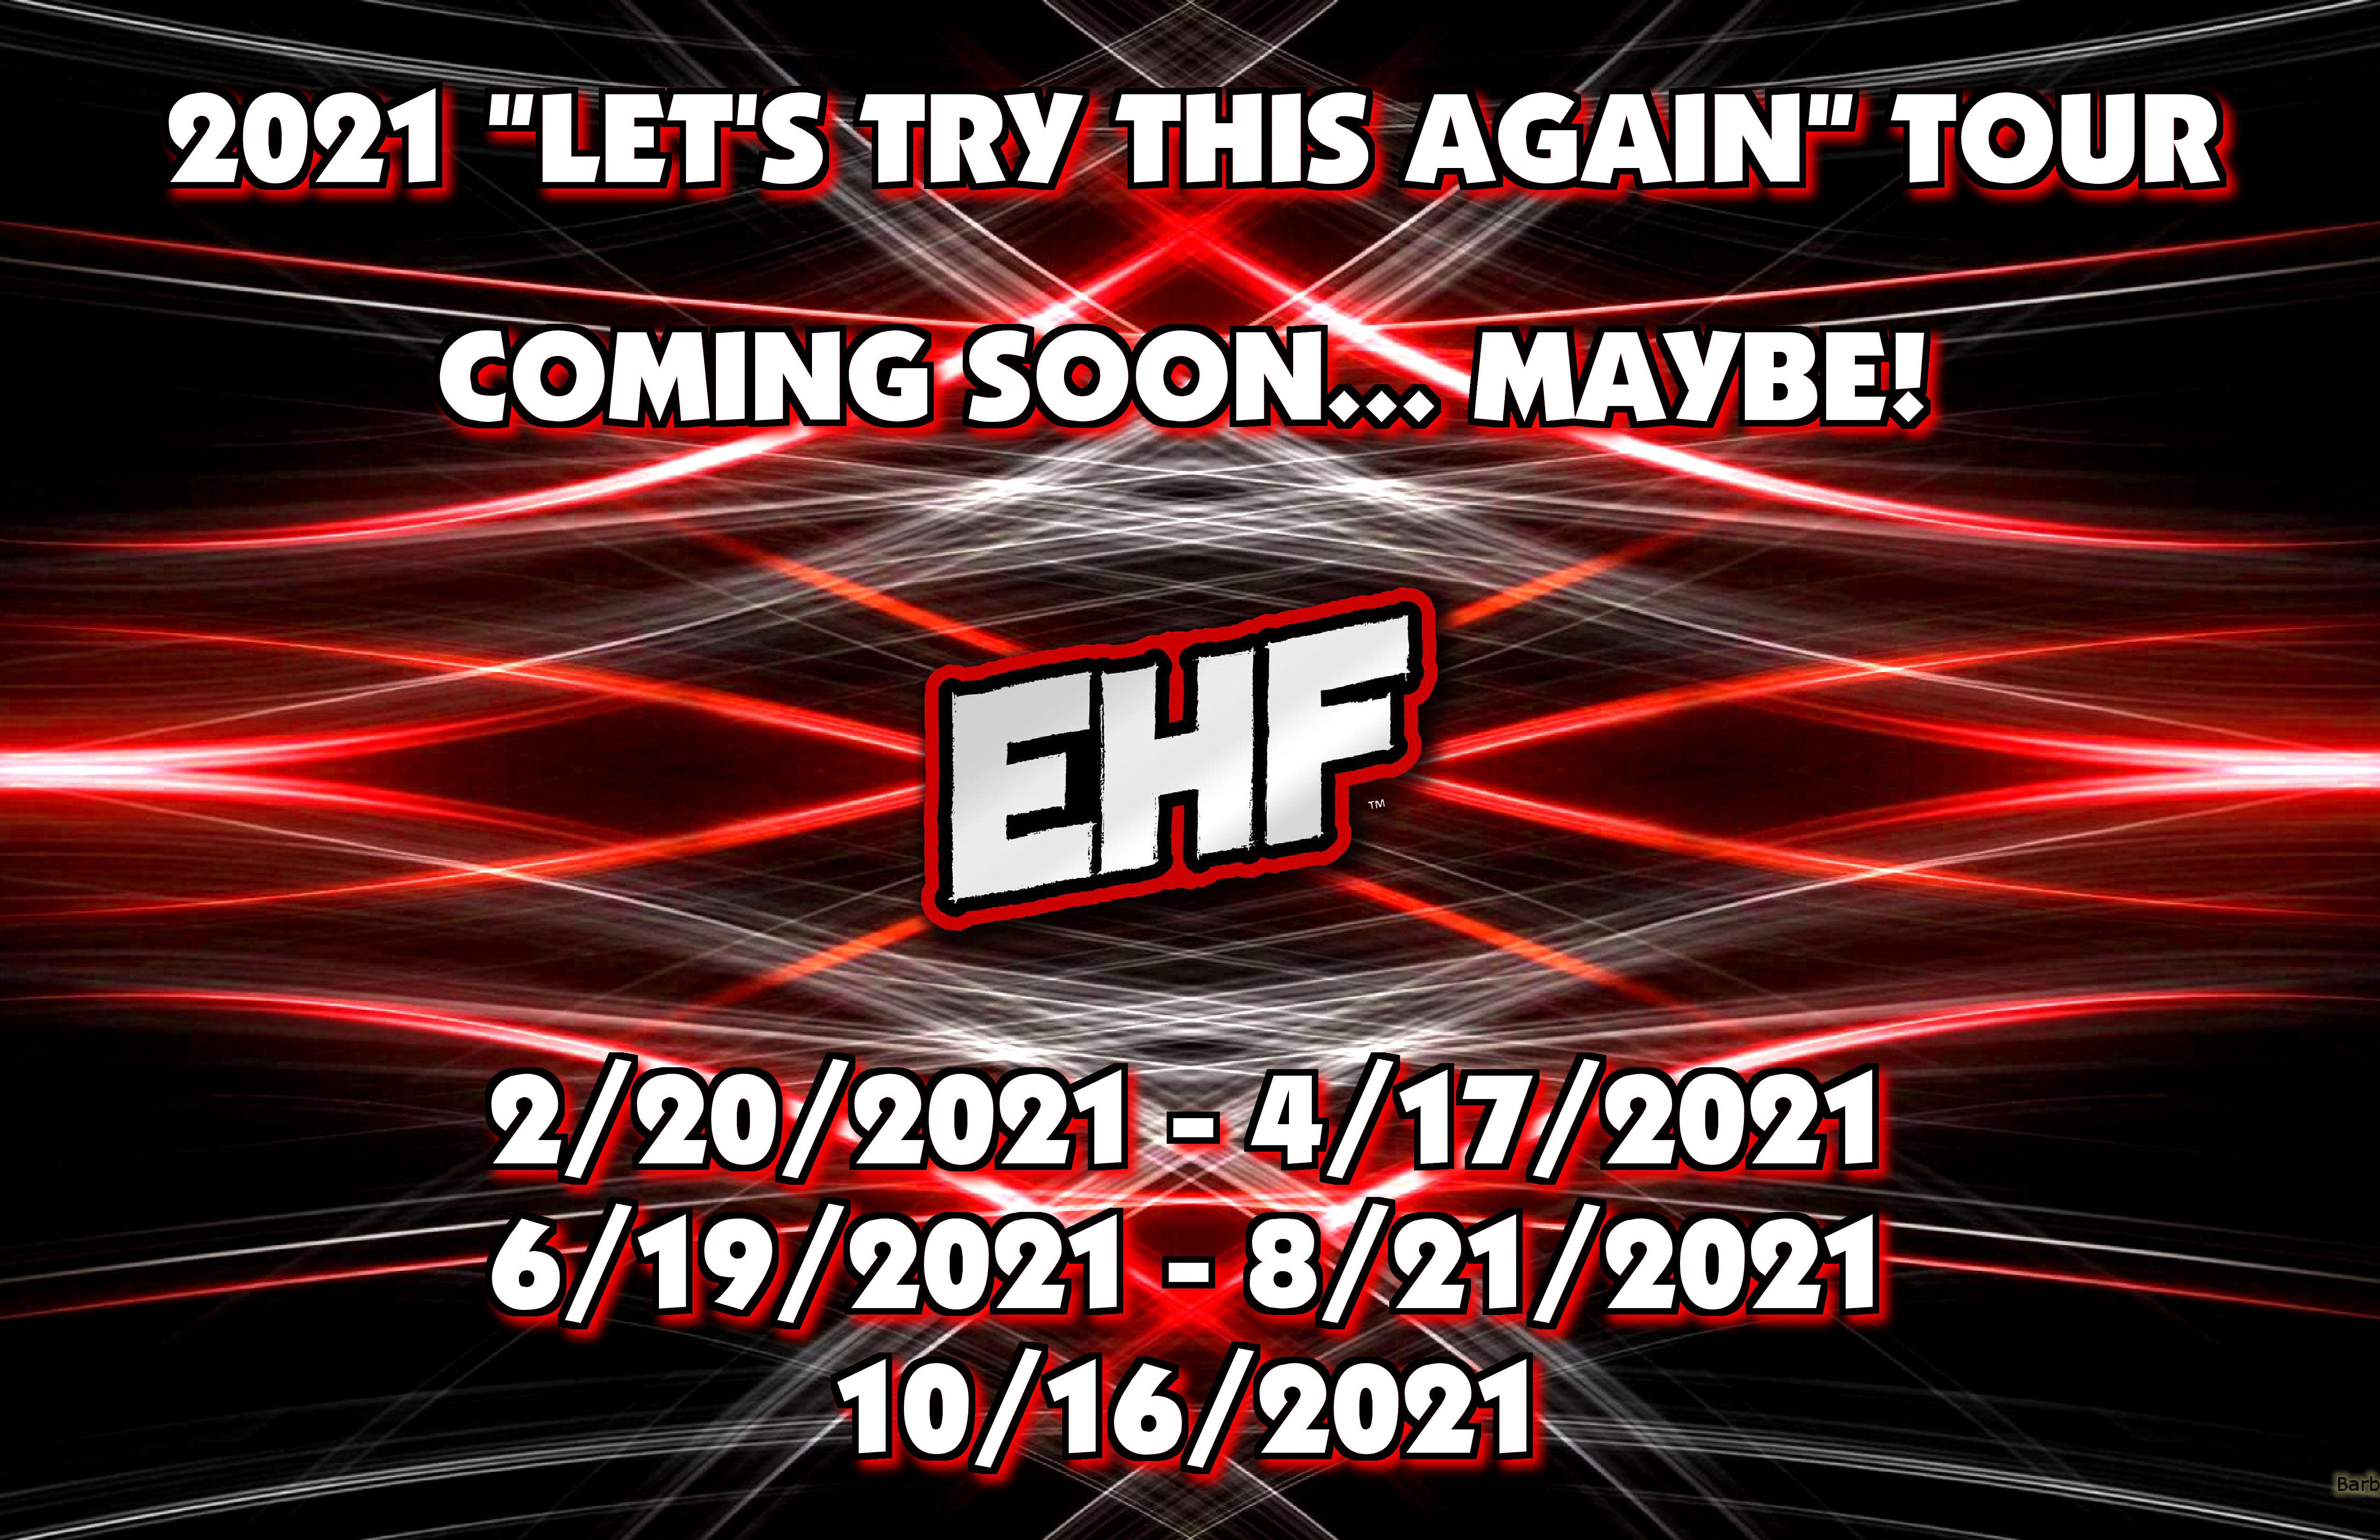 2021 EHF DATES